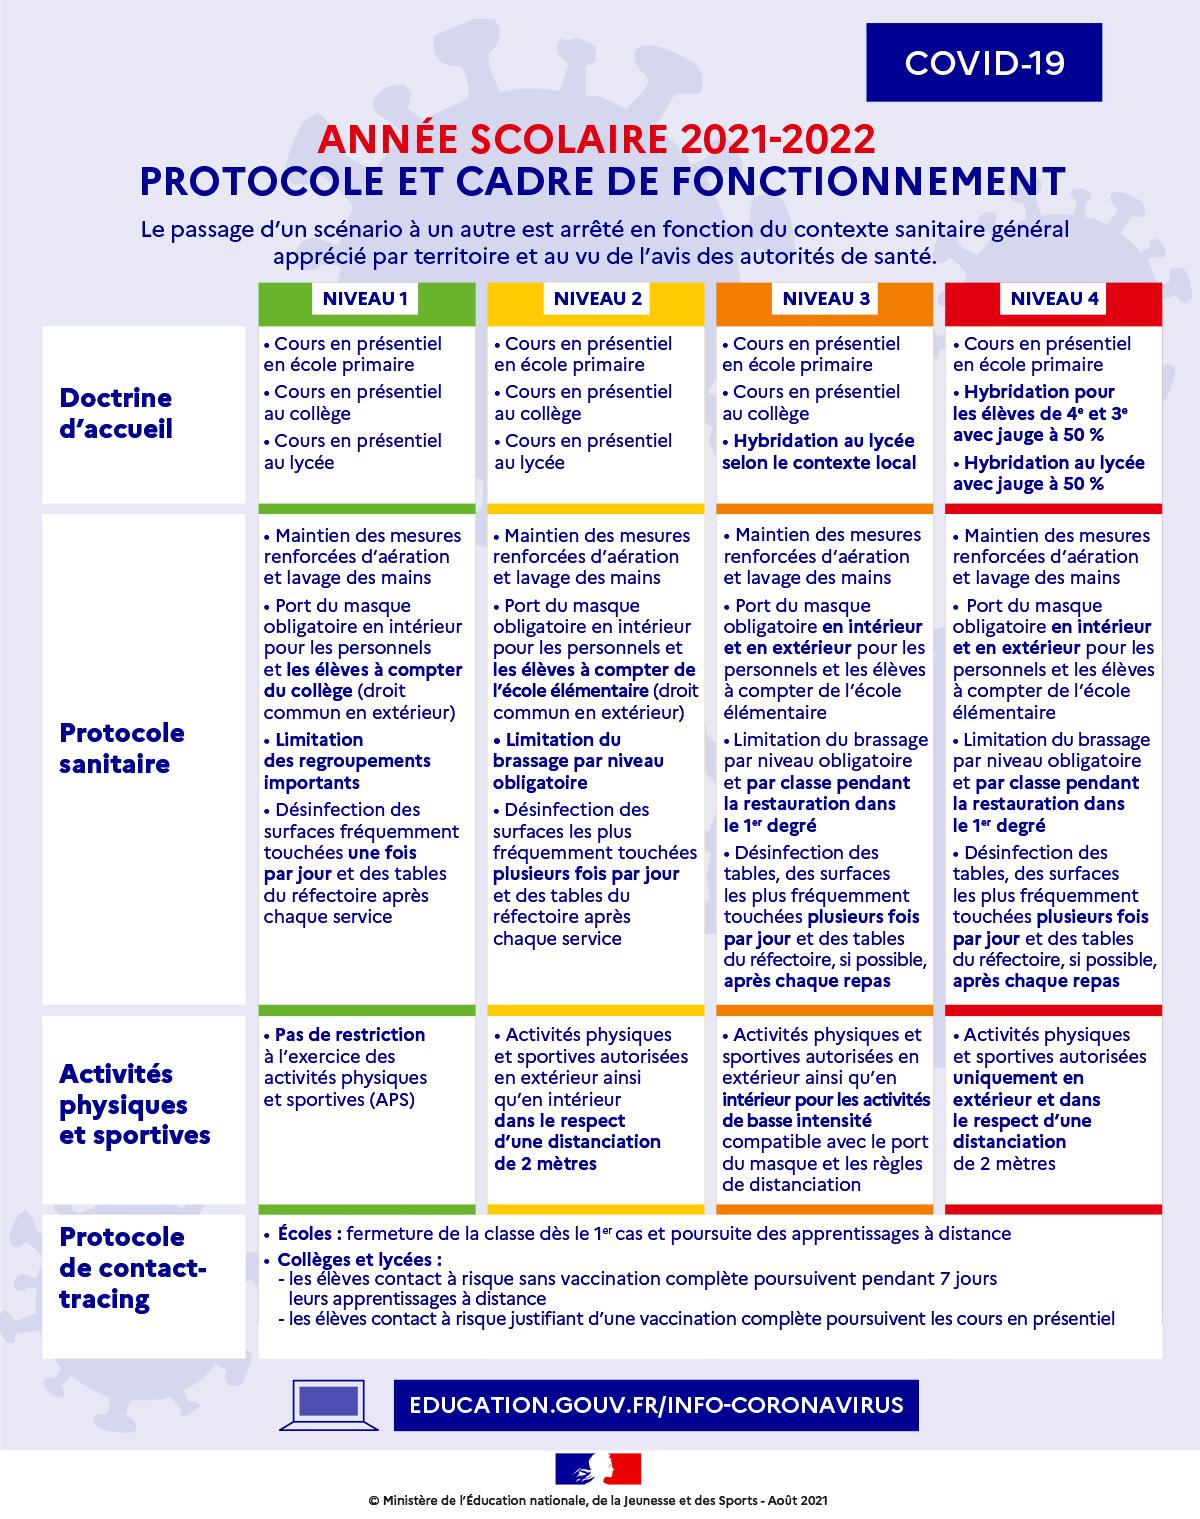 Synthèse des mesures sanitaires pour les établissements scolaires - format Image.jpg